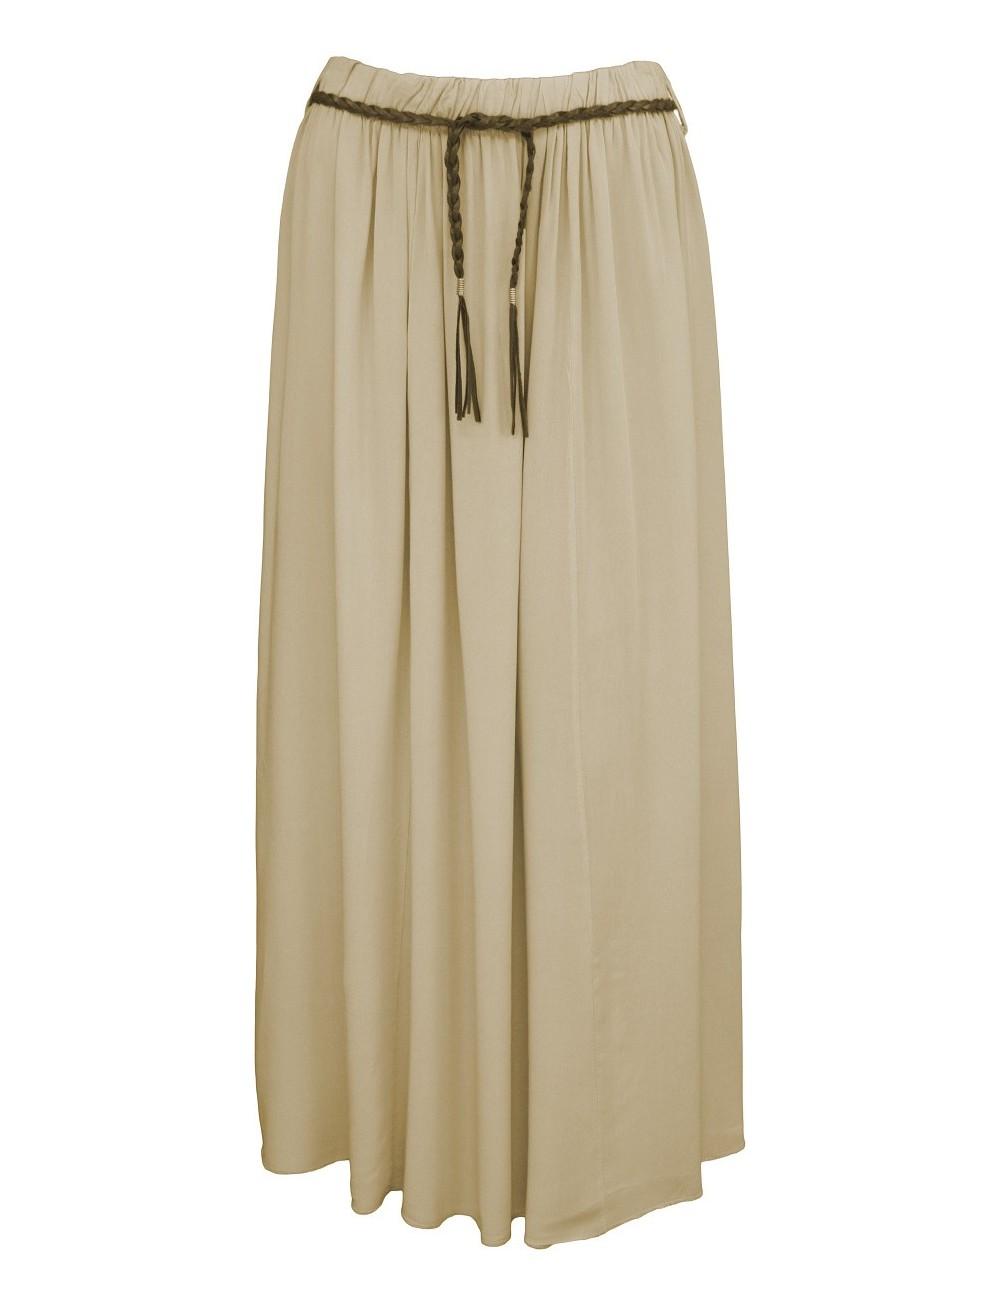 Letní jednobarevná dlouhá sukně - hnědá - vel. UNI